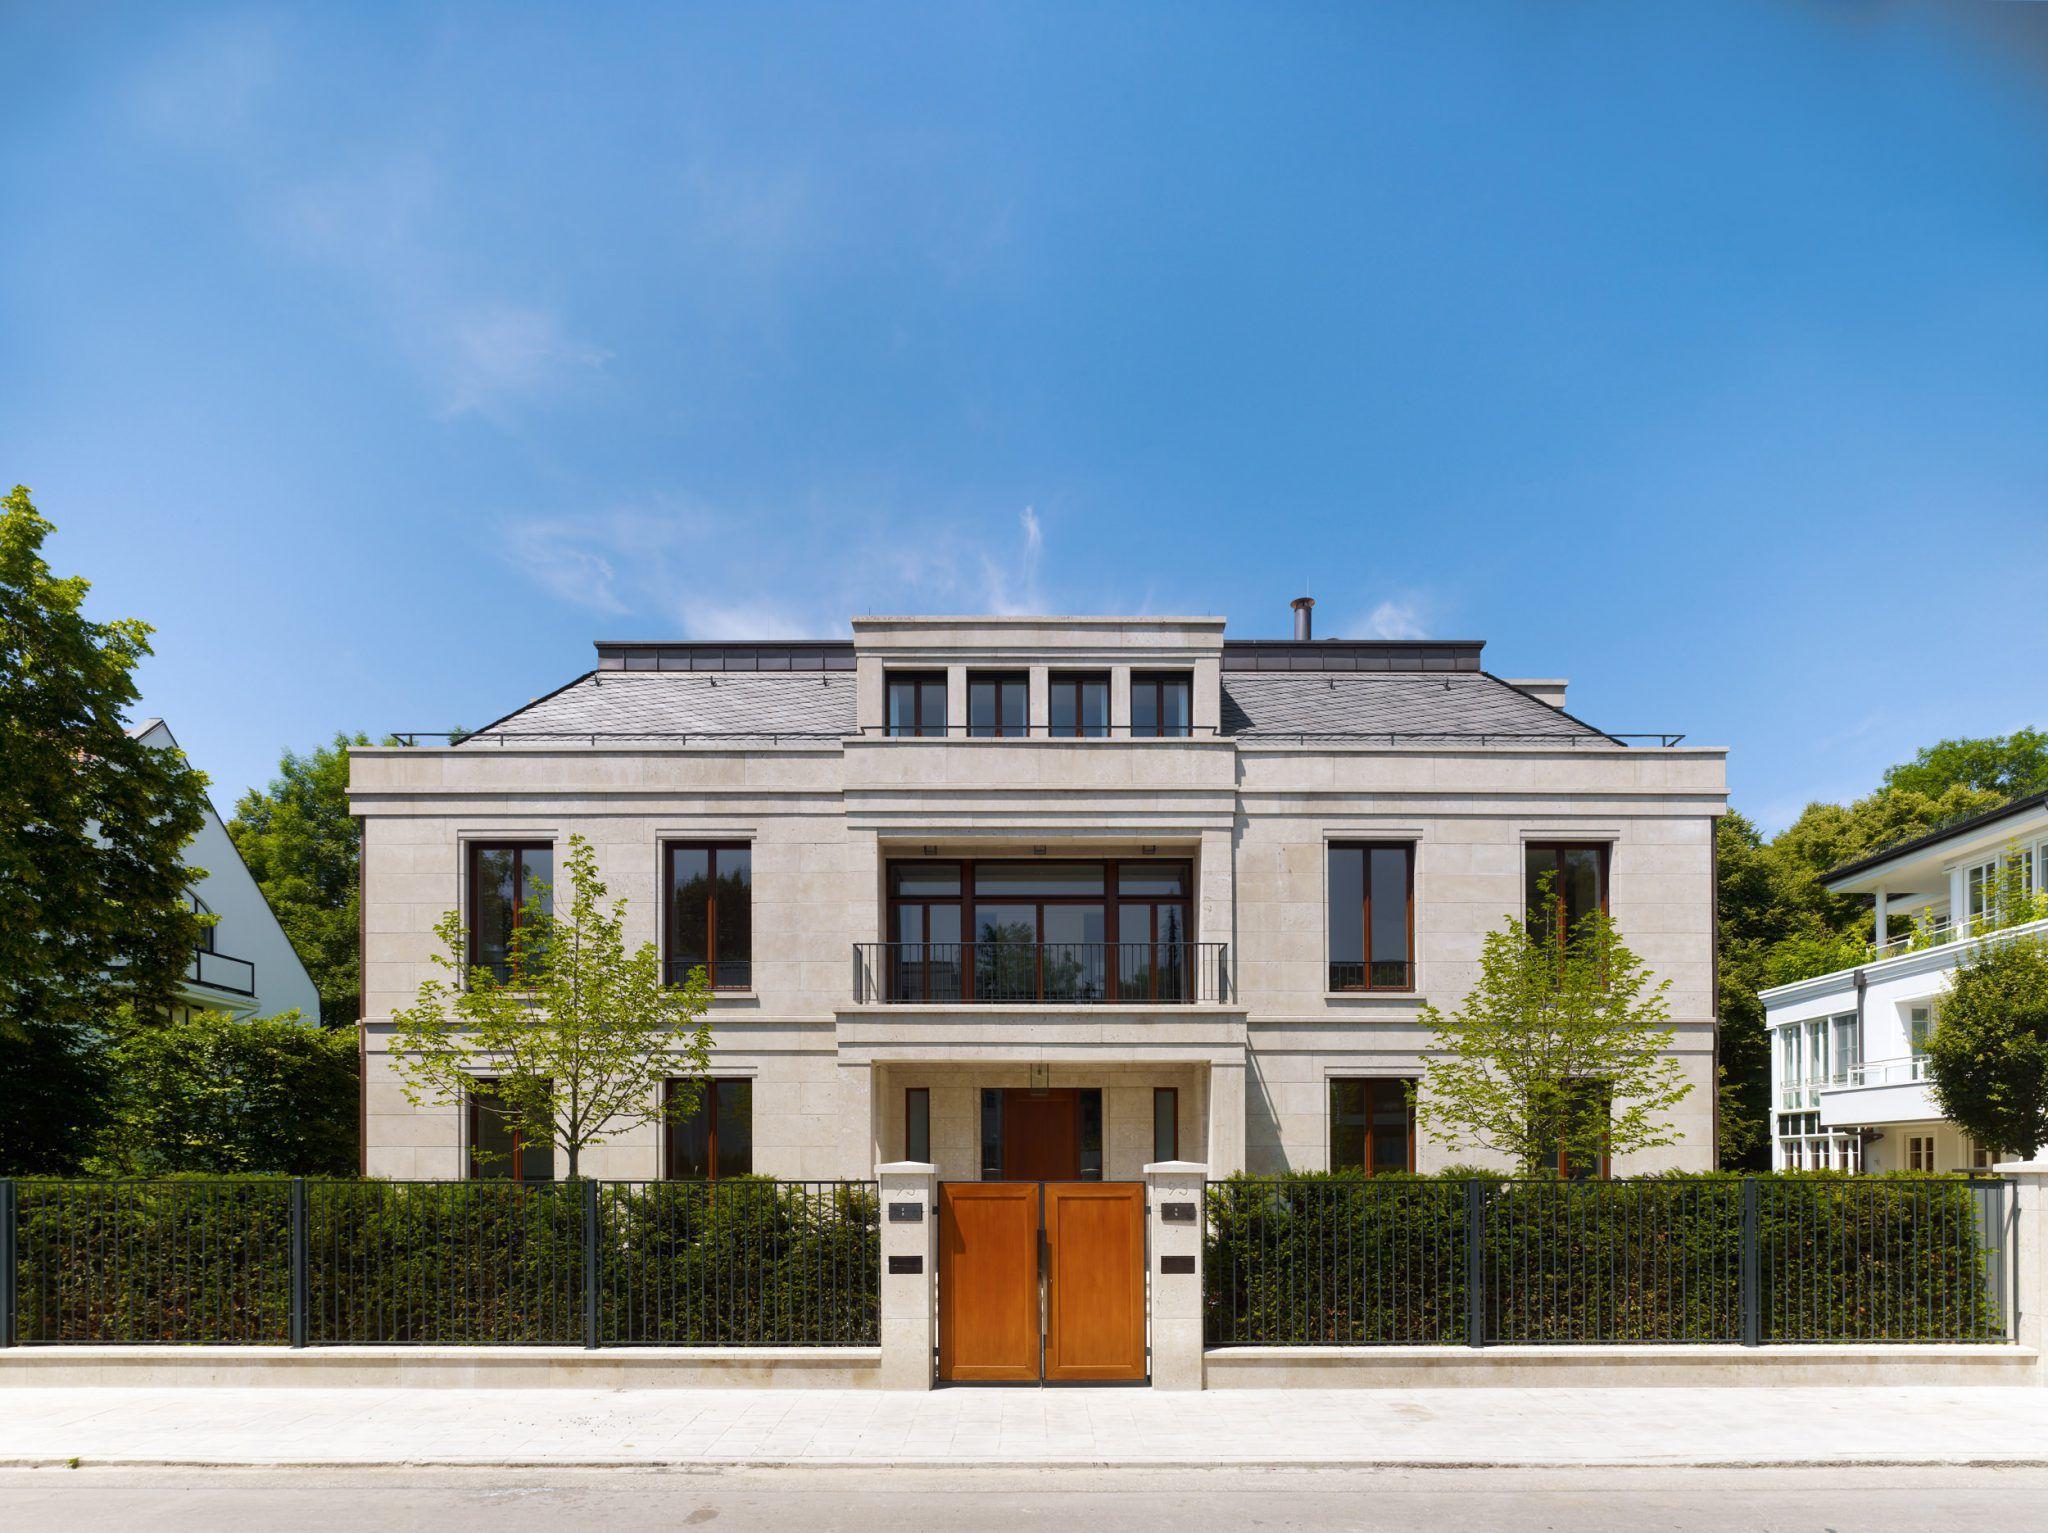 Haus r kahlfeldt architekten berlin in 2019 for Haus bauen architekt